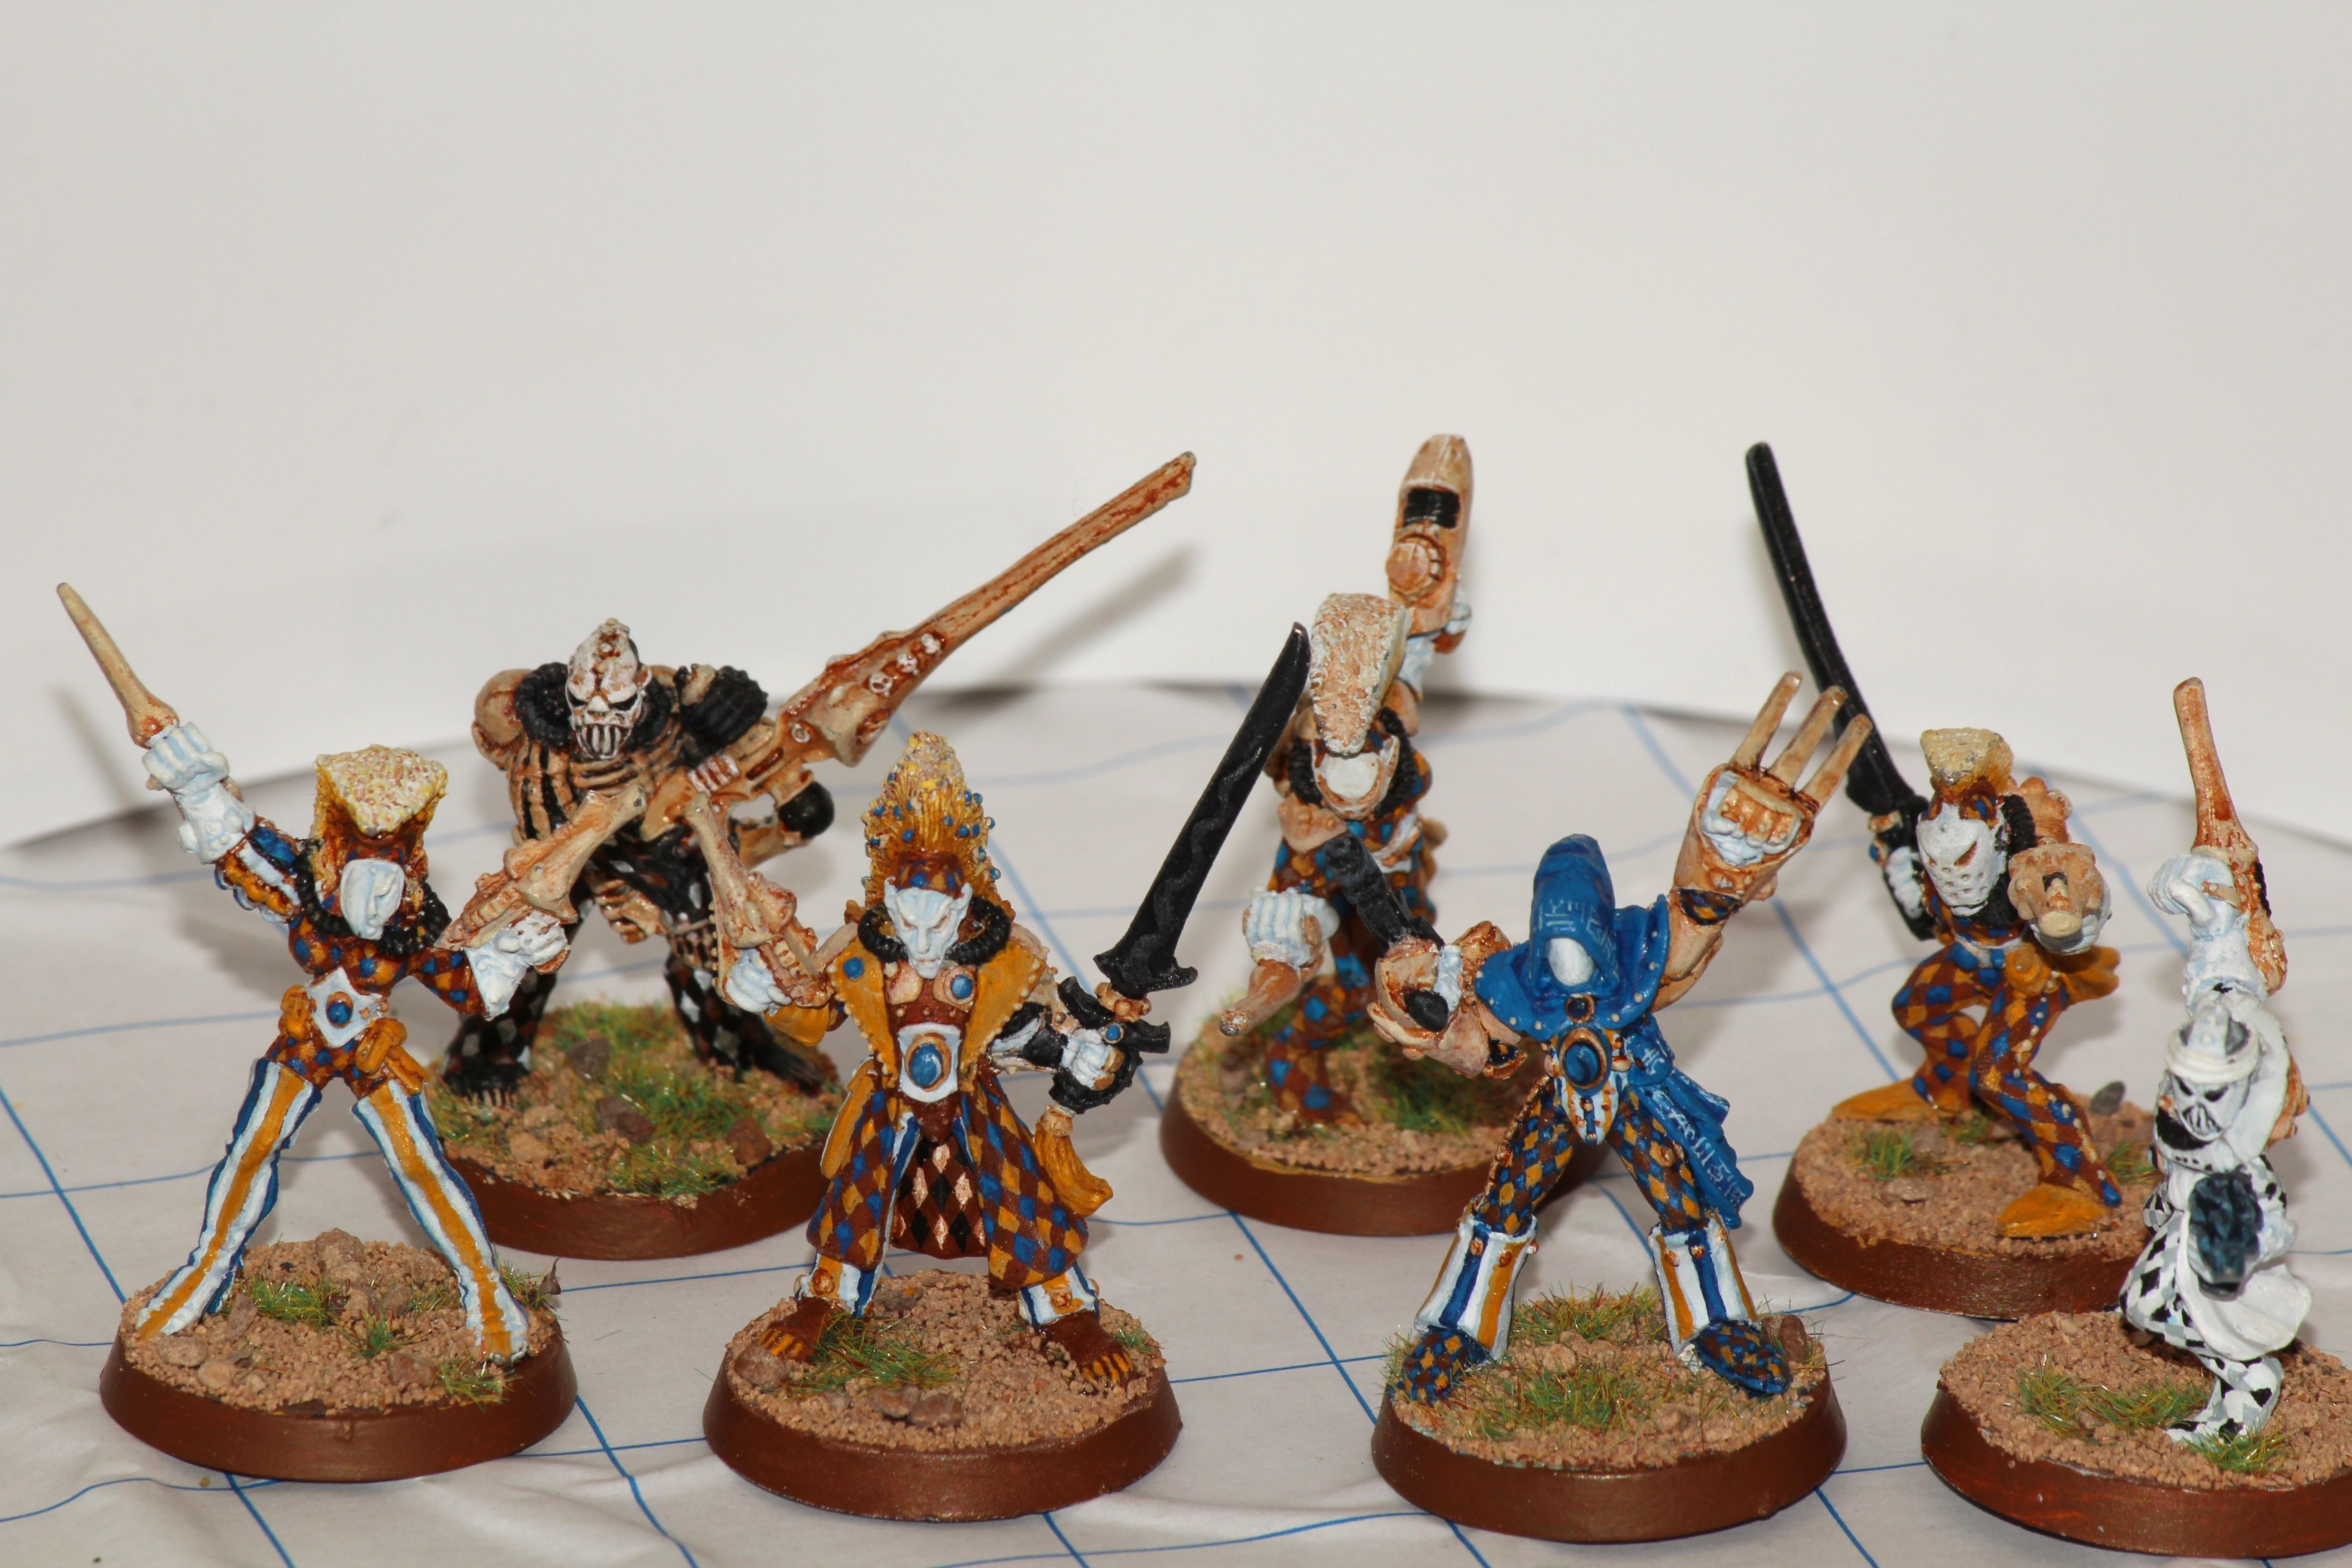 2nd Edition, Eldar, Harlequins, Warhammer 40,000